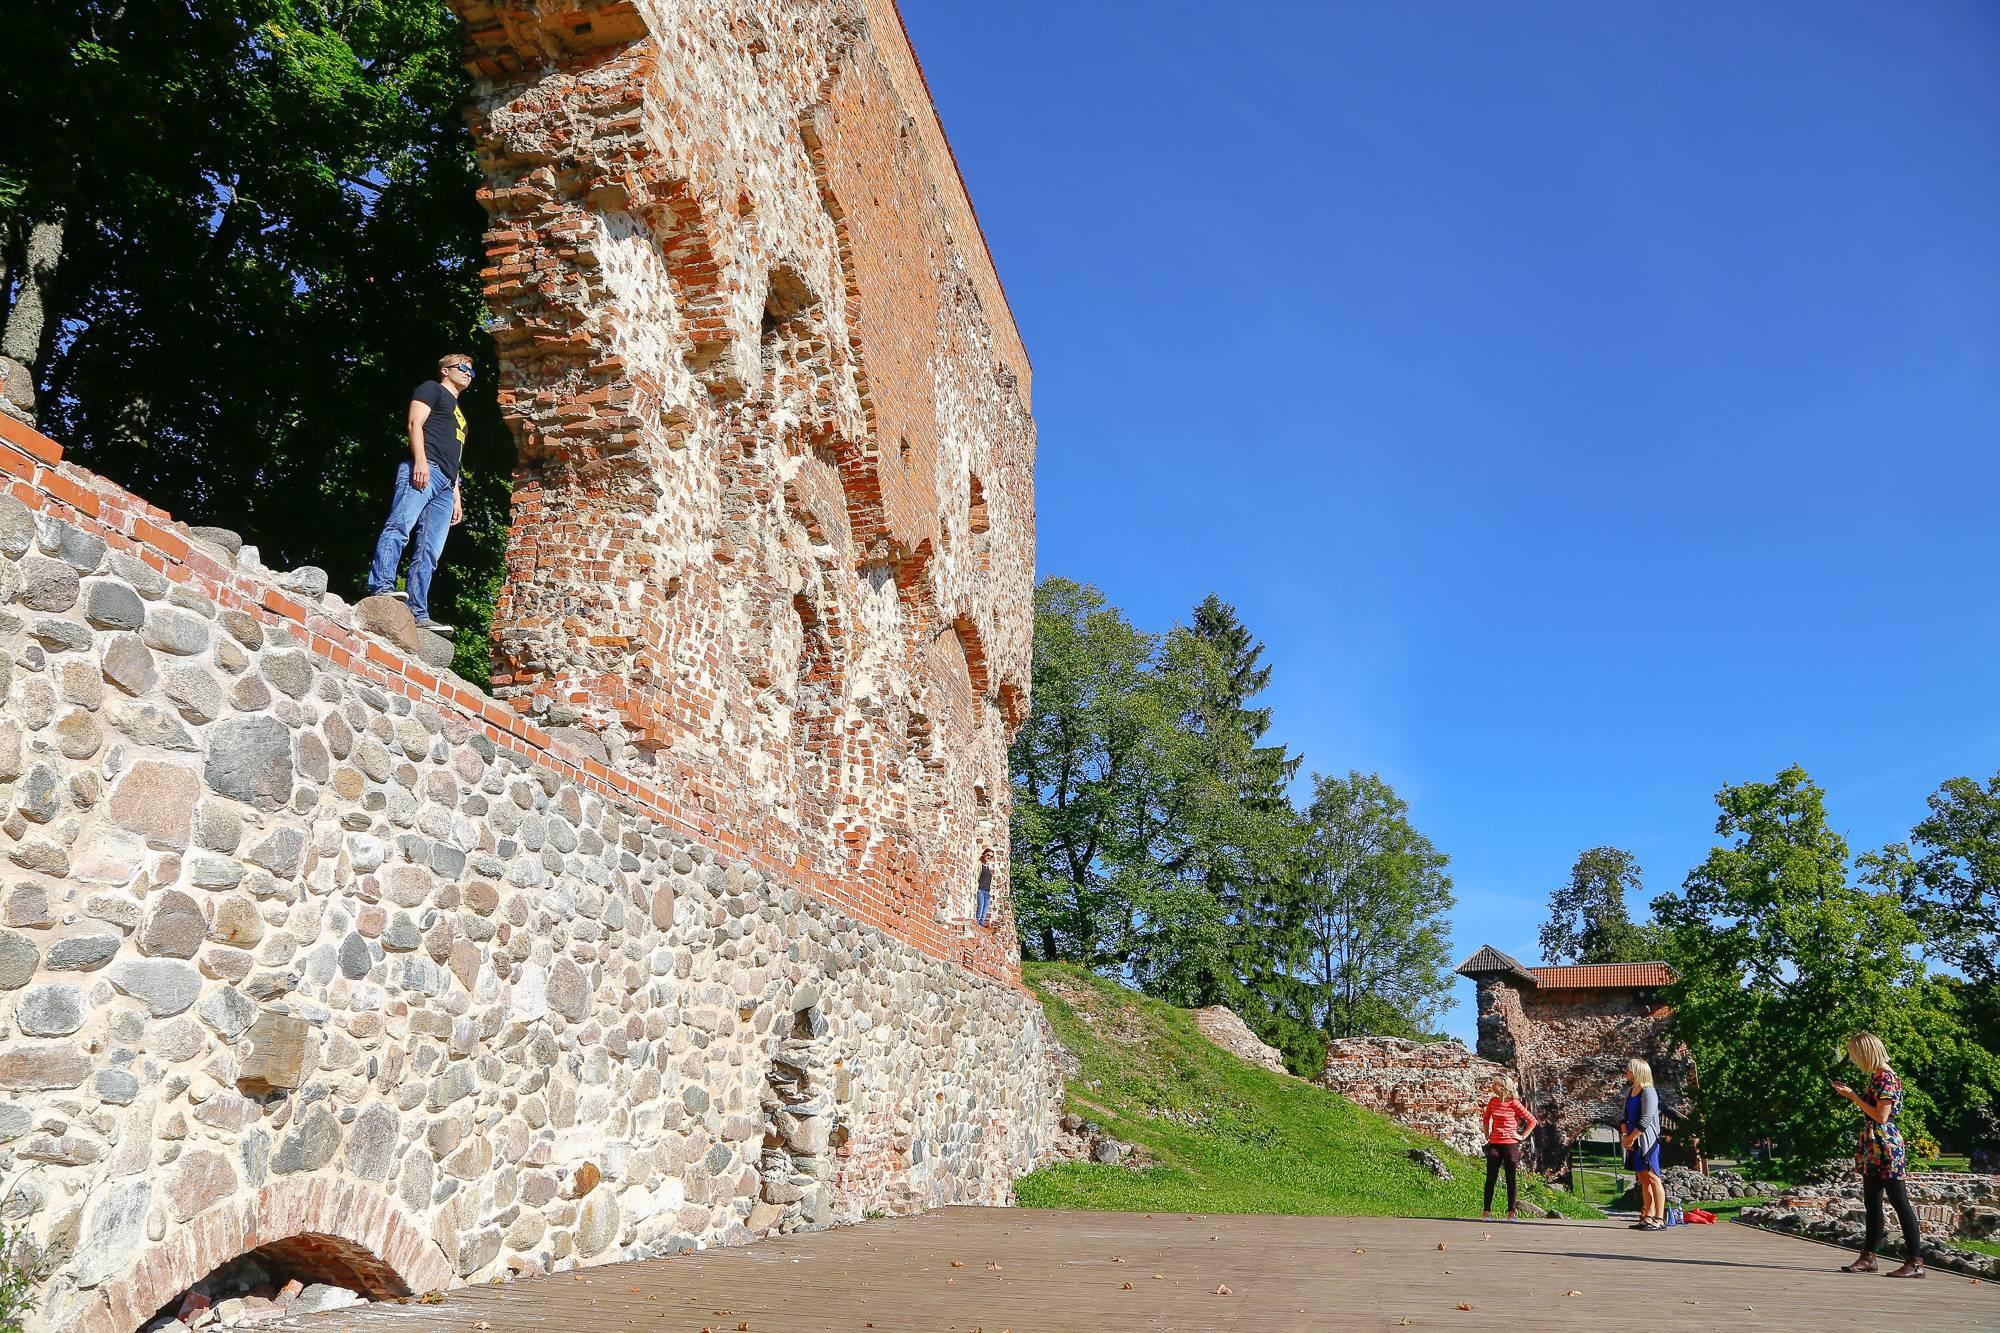 NEW Riga Tallinn Sightseeing Tour